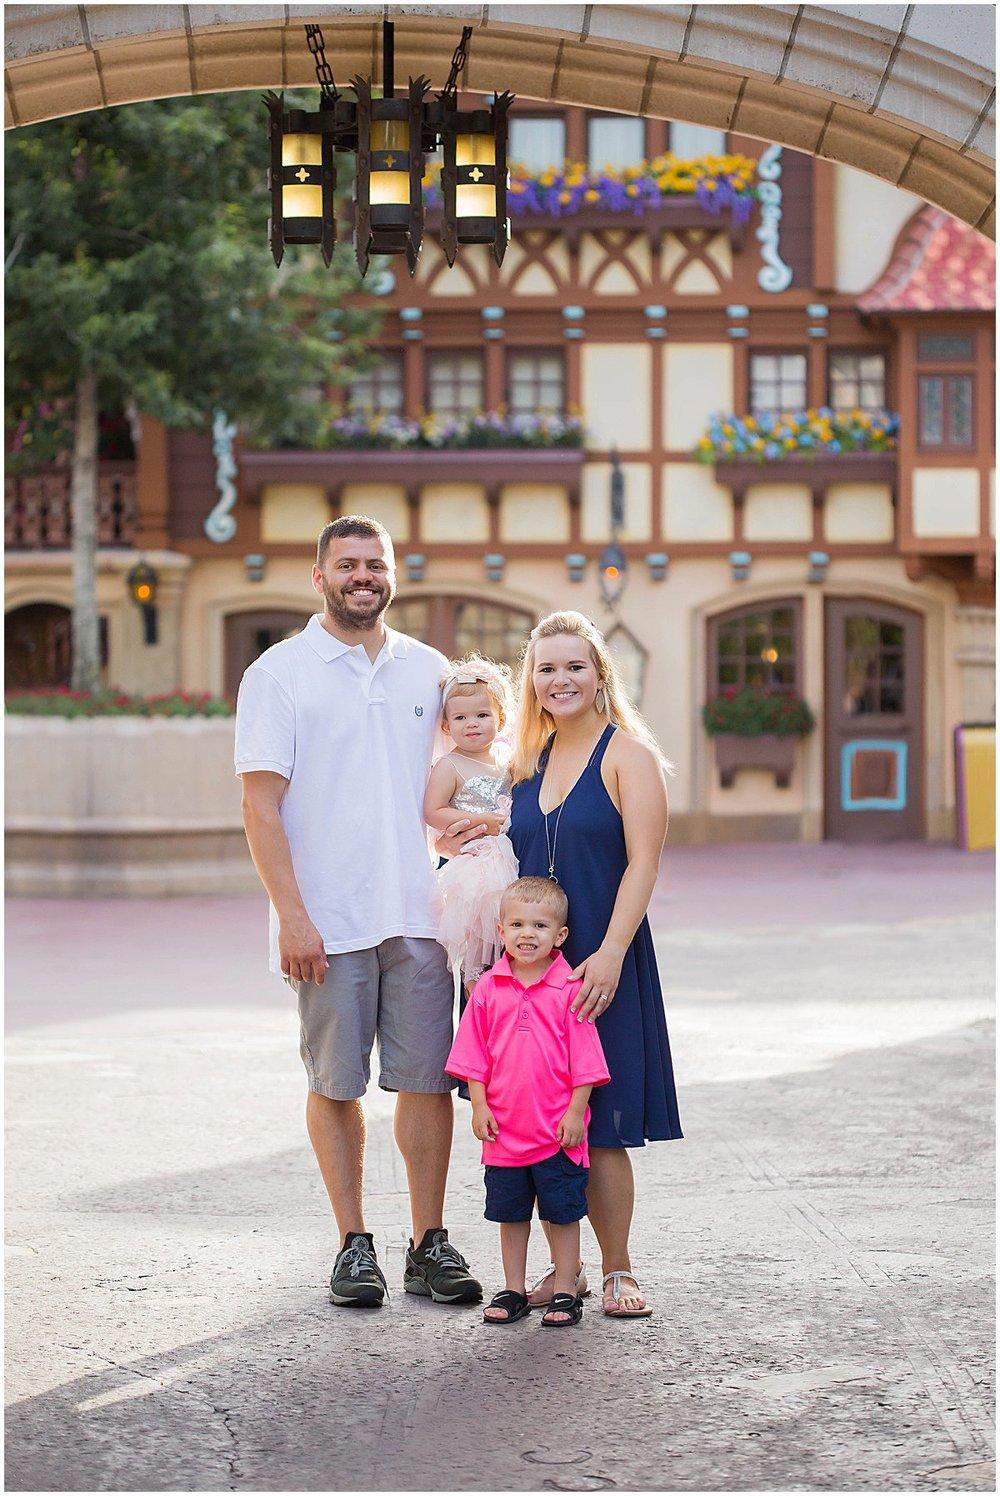 Disney-photographer-1.jpg